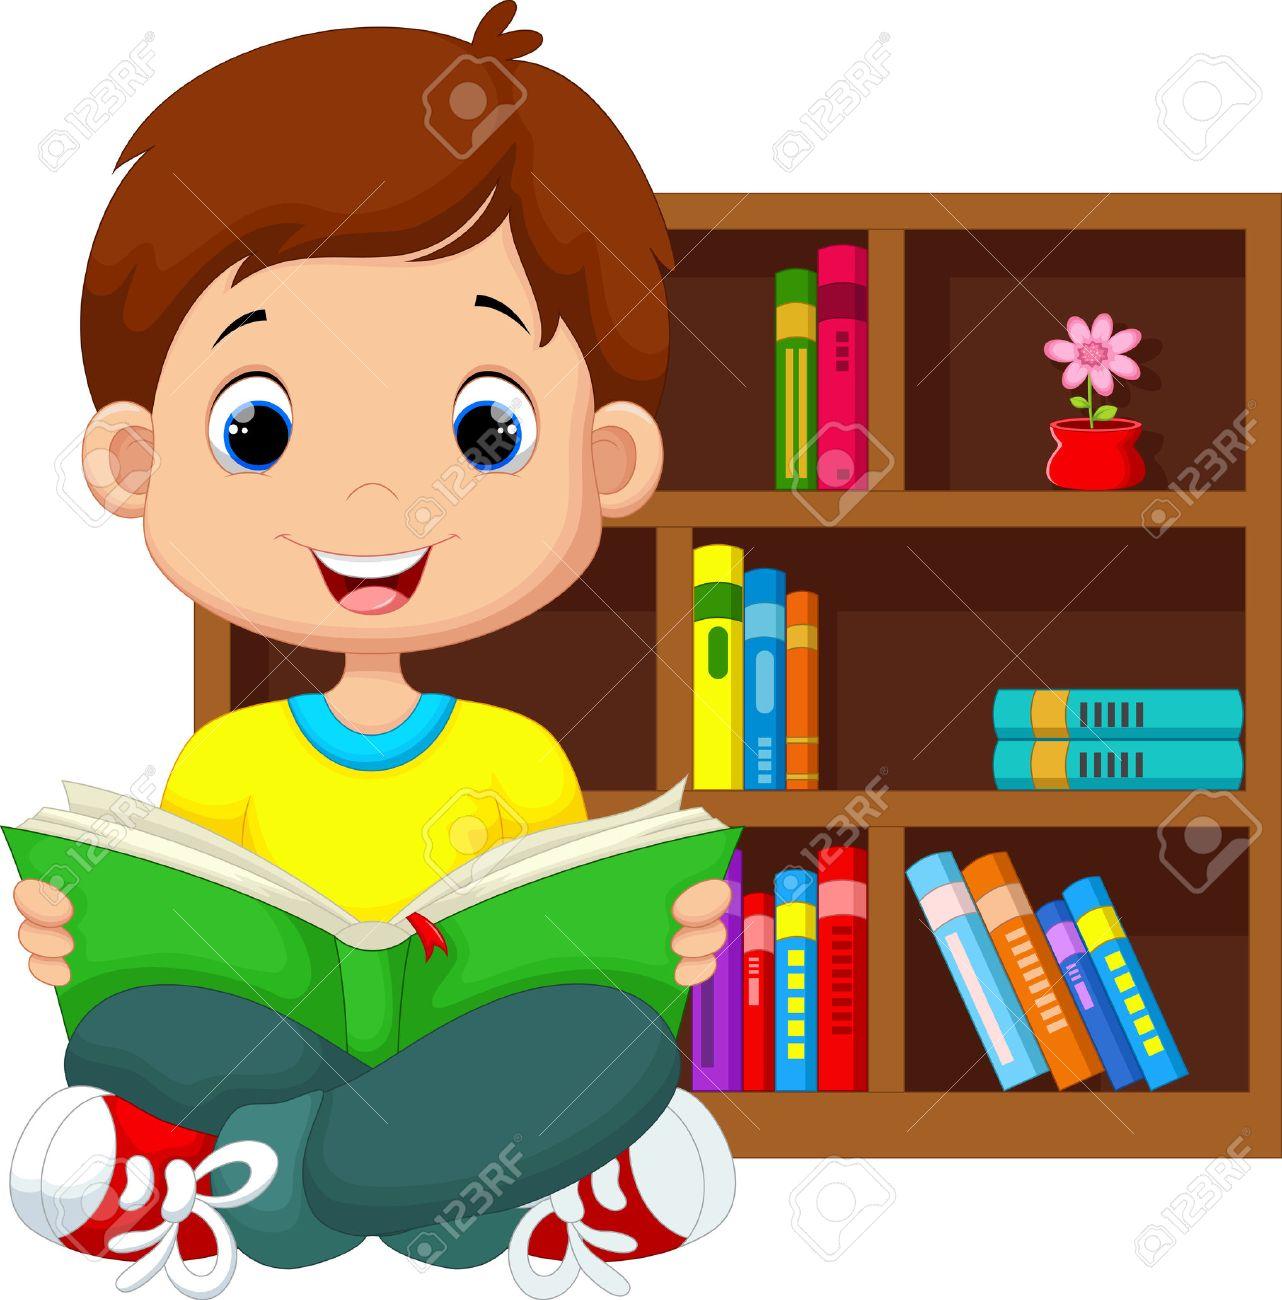 Little boy reading a book - 41721988